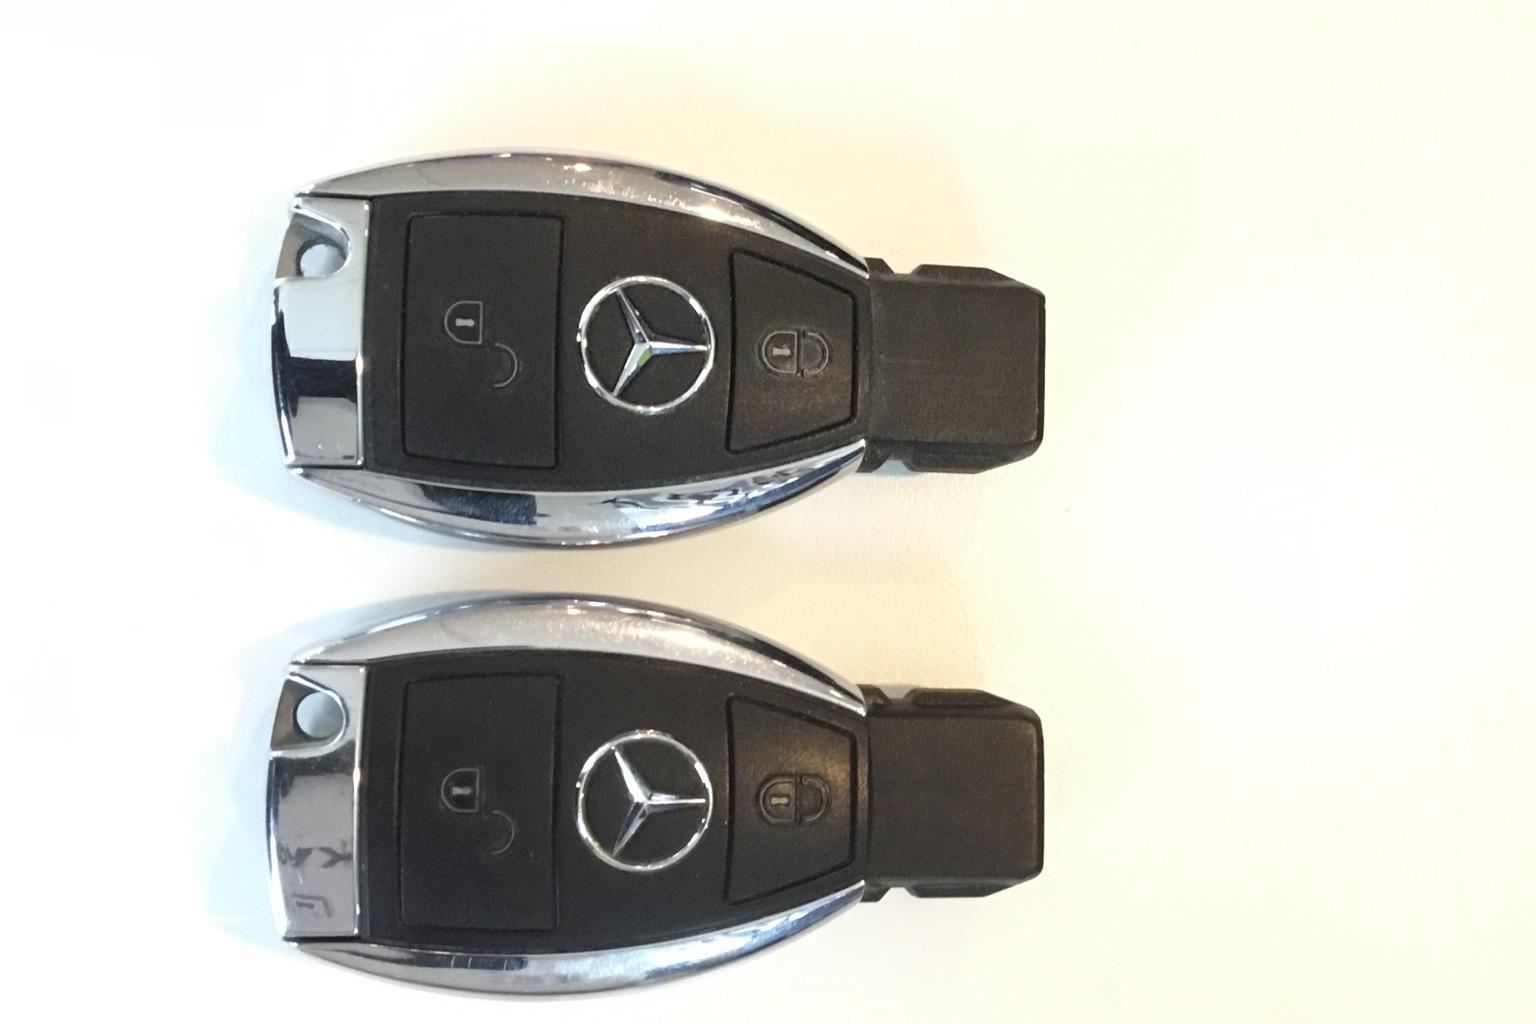 Mercedes B 200 c W242 (156hk) - 28 424 mil - Automat - svart - 2014